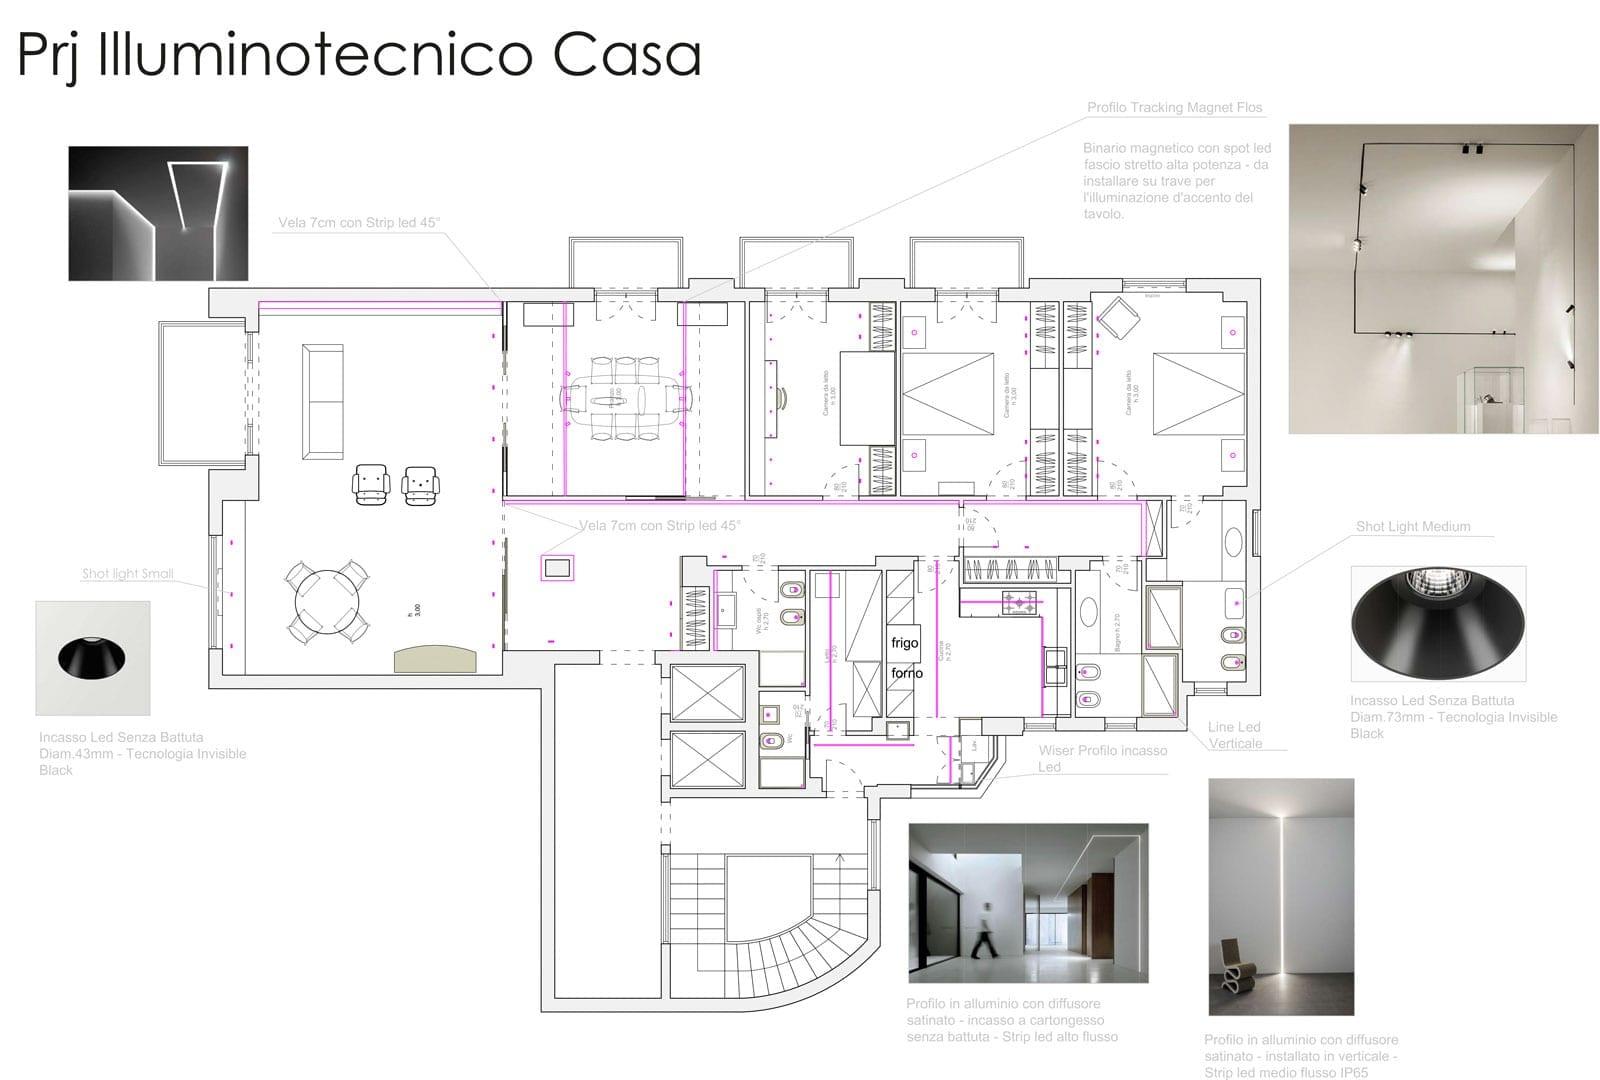 Strip Led Piu Luminosi progetto illuminazione casa | lid design